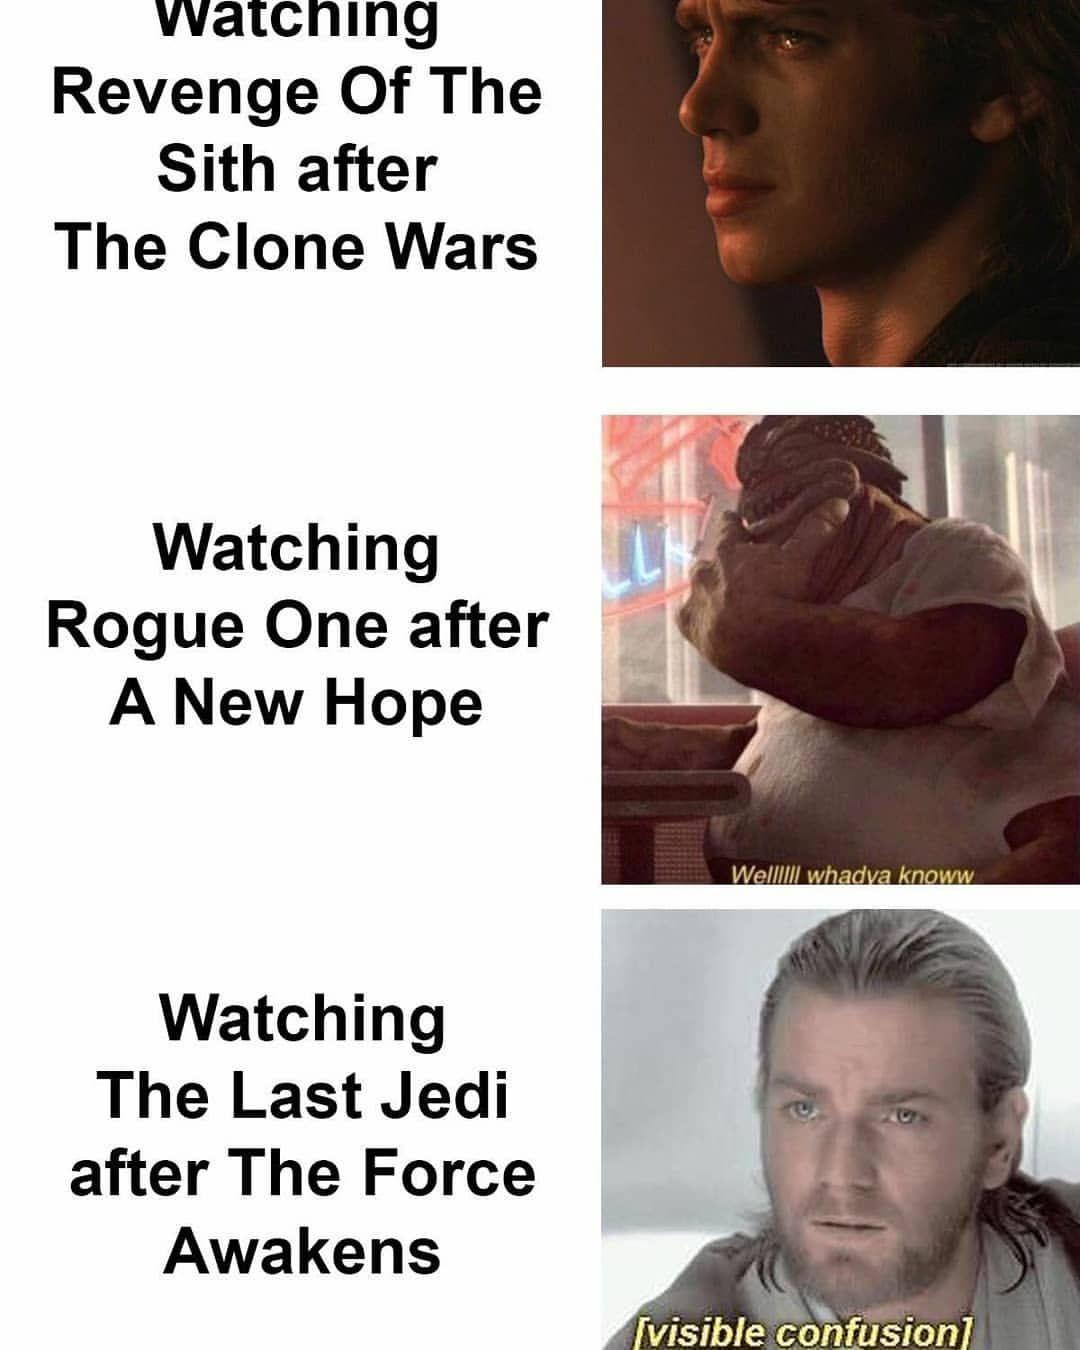 Star Wars Villains Are Very Polite Star Wars Memes Star Wars Villains Star Wars Humor